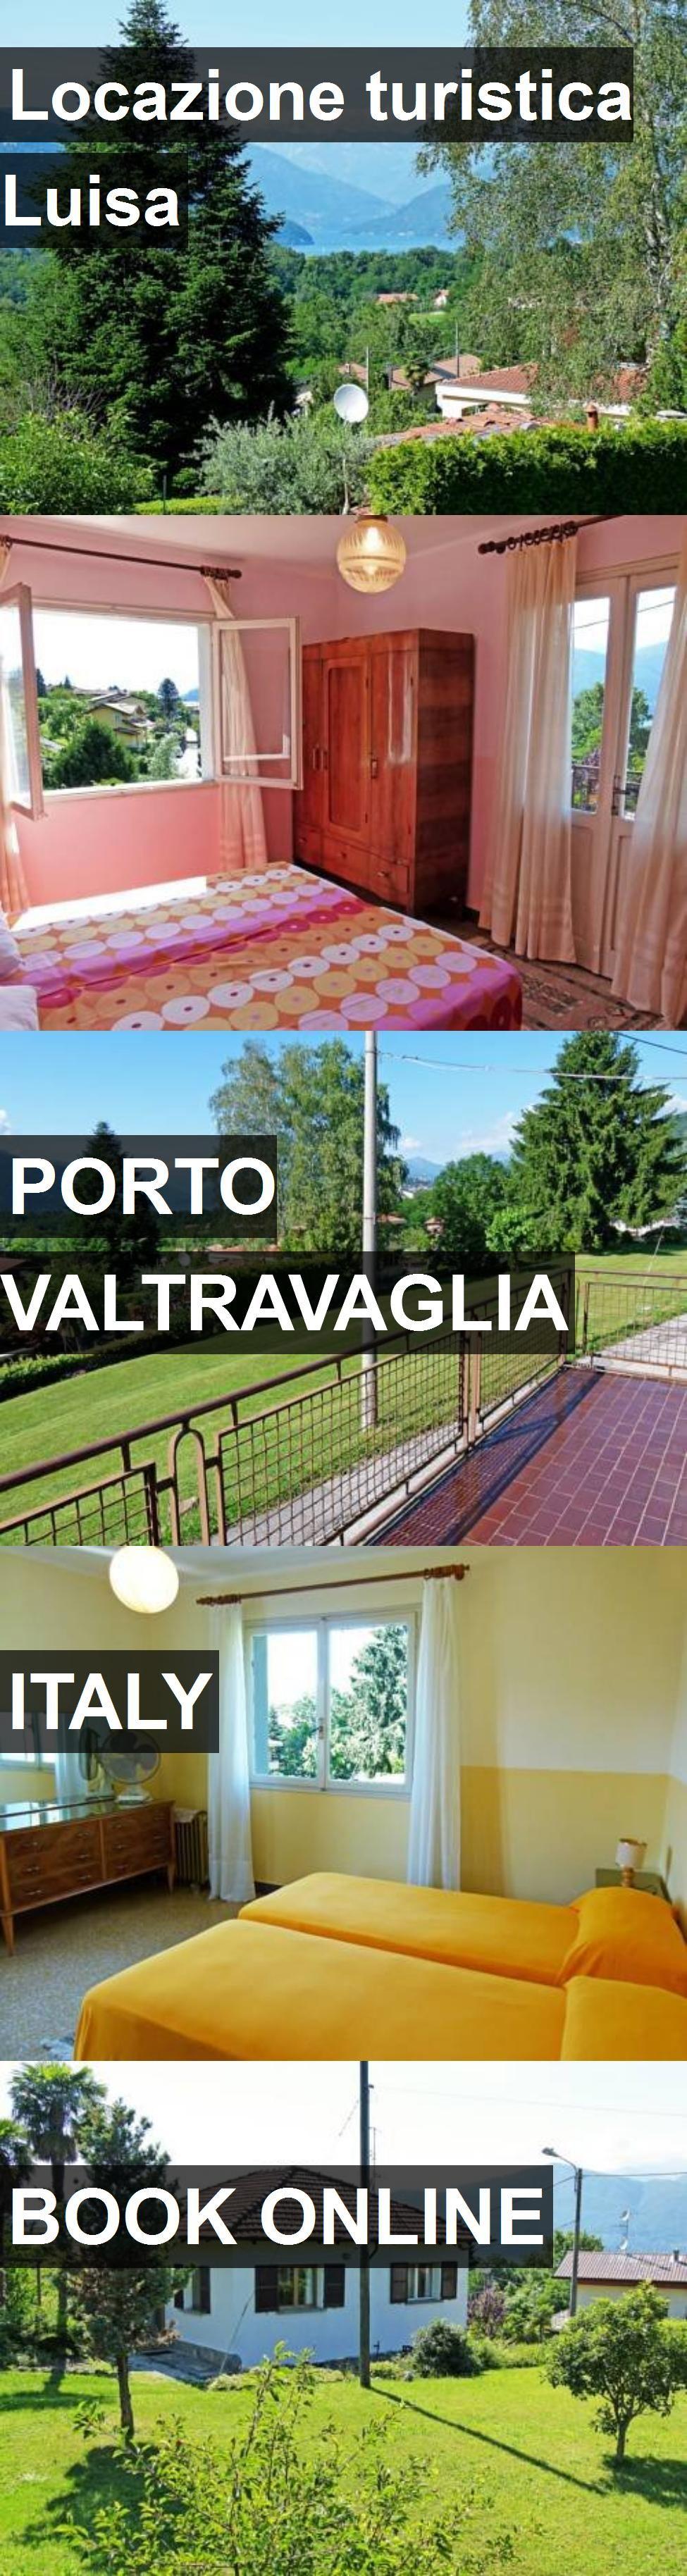 Hotel Locazione turistica Luisa in Porto Valtravaglia